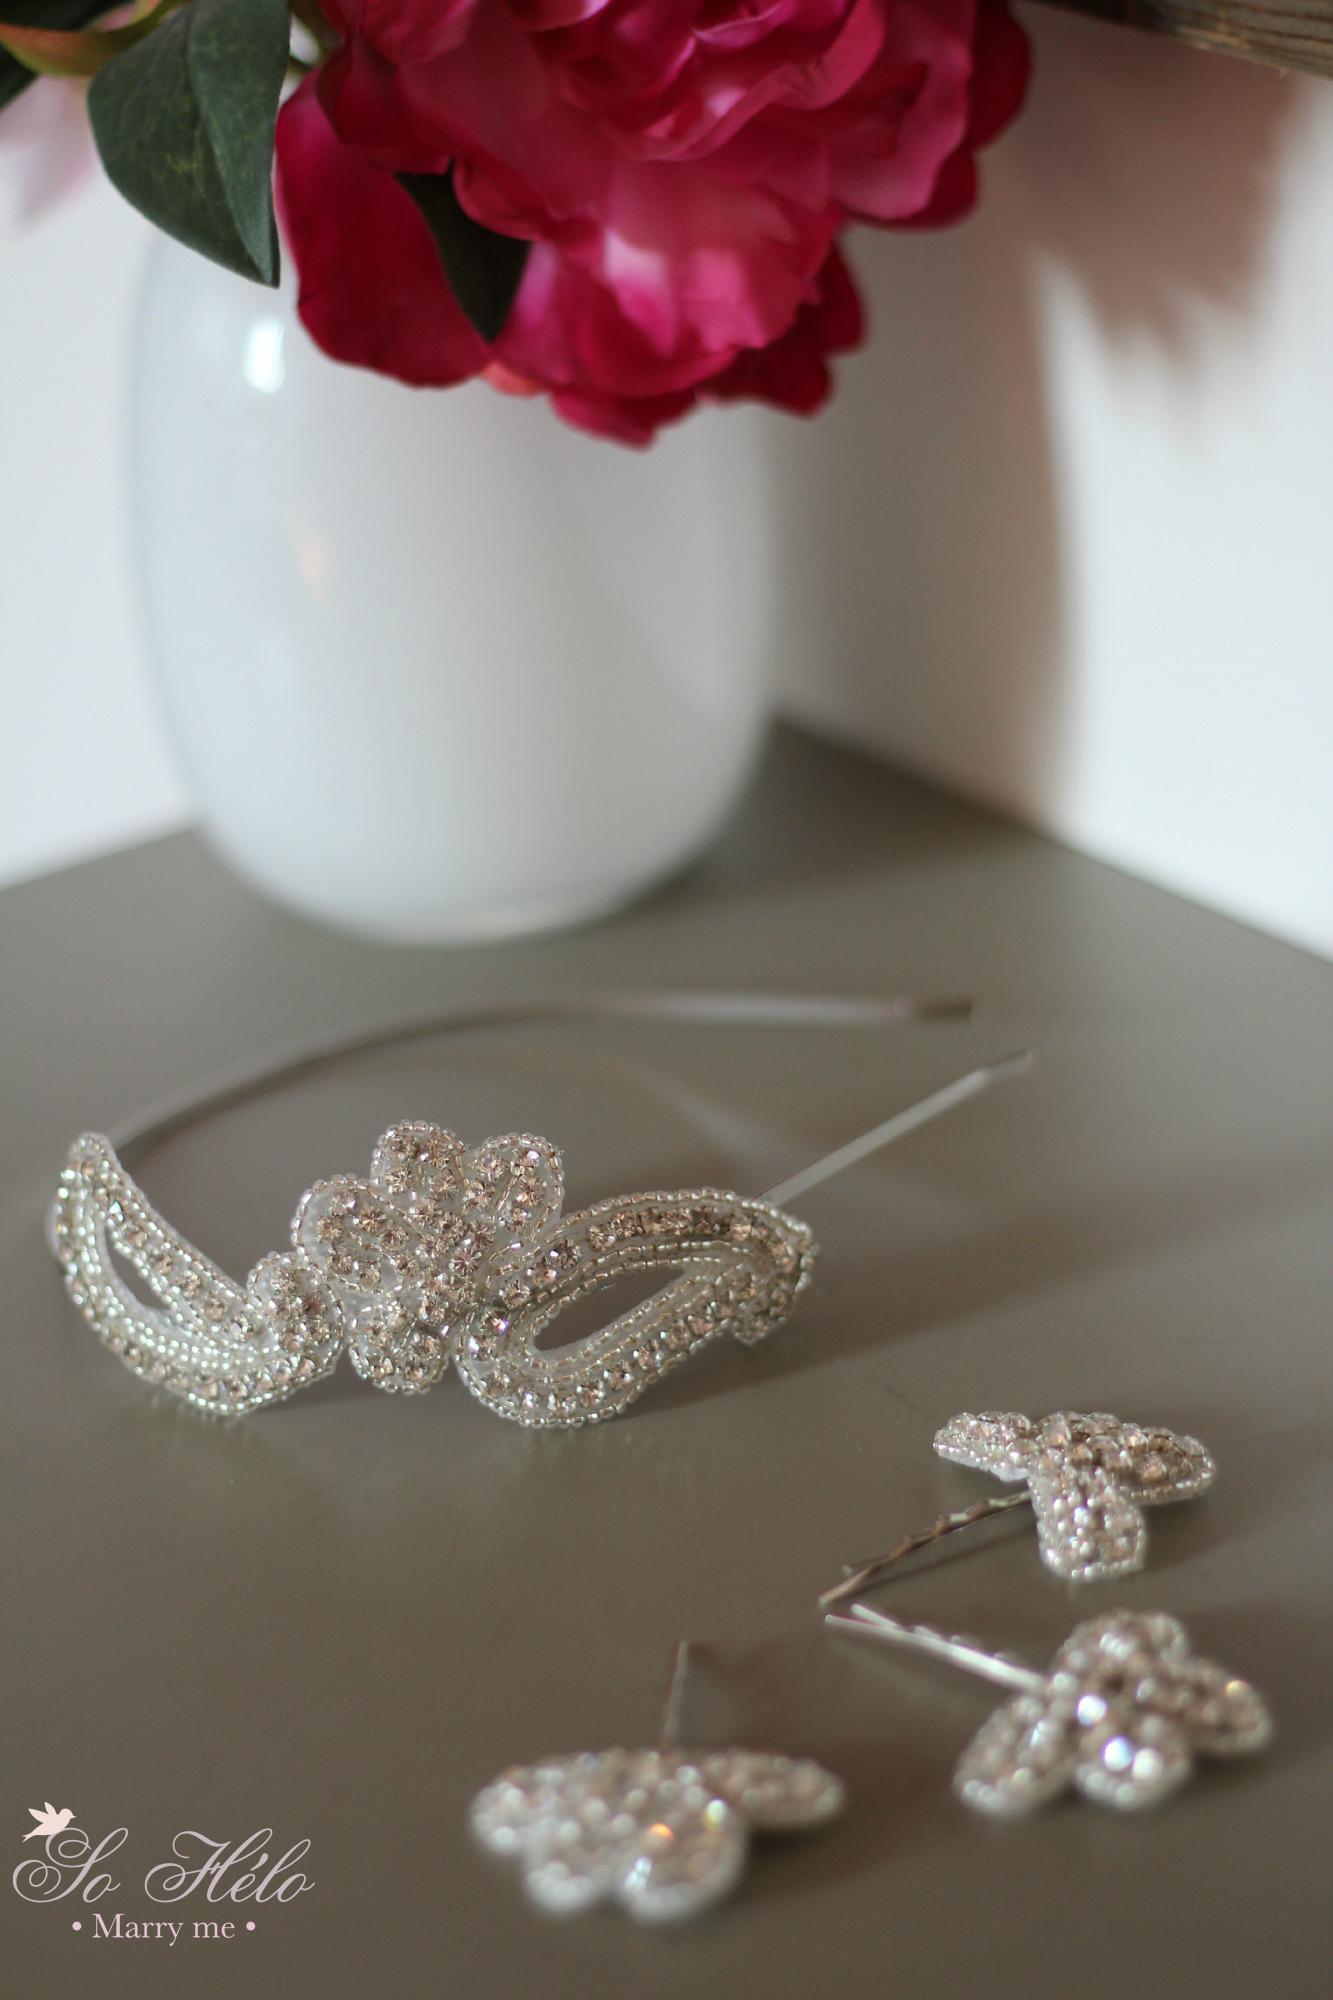 des cadeaux pour les t moins de votre mariage jolies id es le blog d 39 h lo se bijoux de. Black Bedroom Furniture Sets. Home Design Ideas